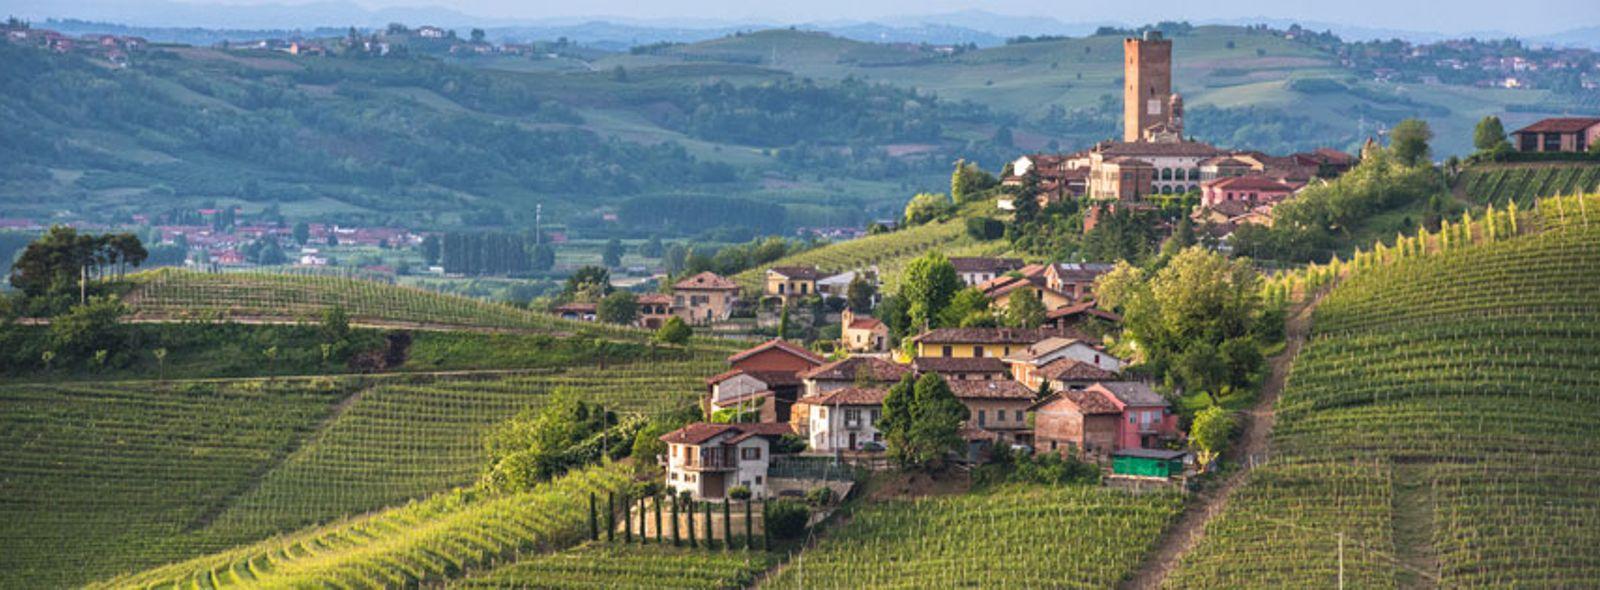 I migliori itinerari enogastronomici del Piemonte